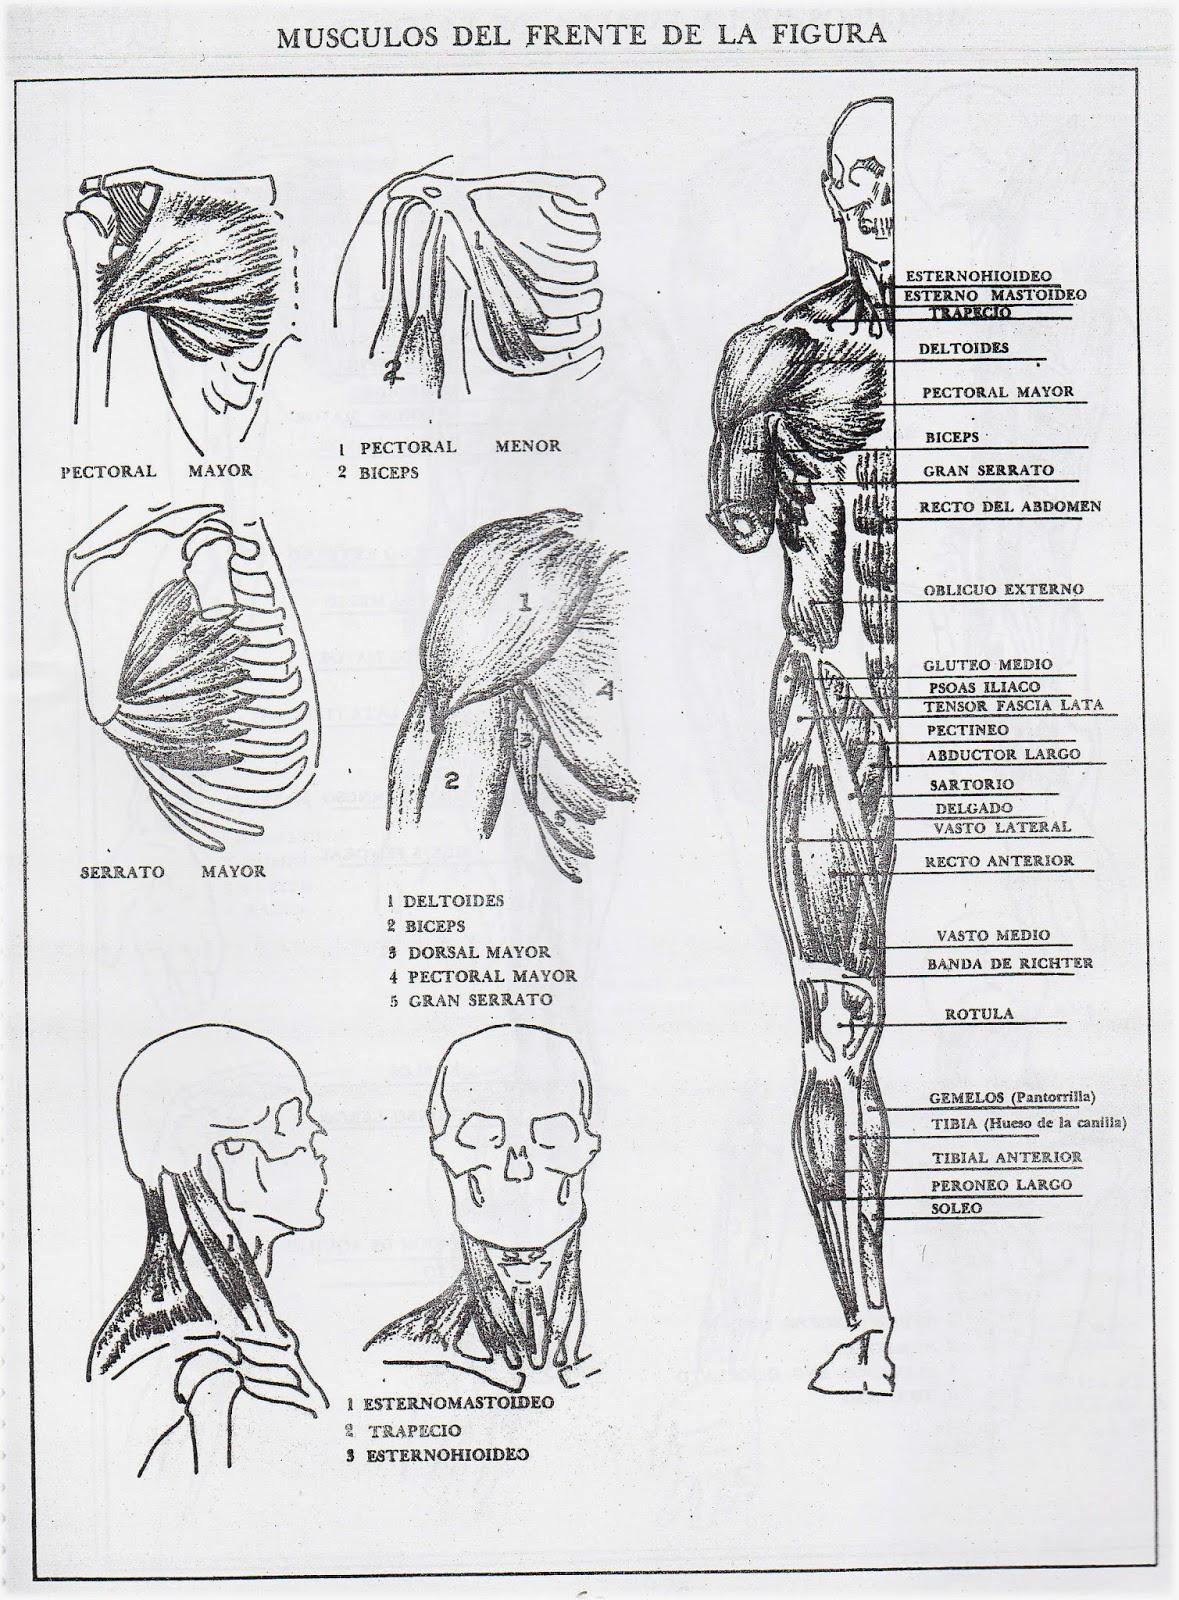 Cómic en Fuentes: Nociones básicas de anatomía III